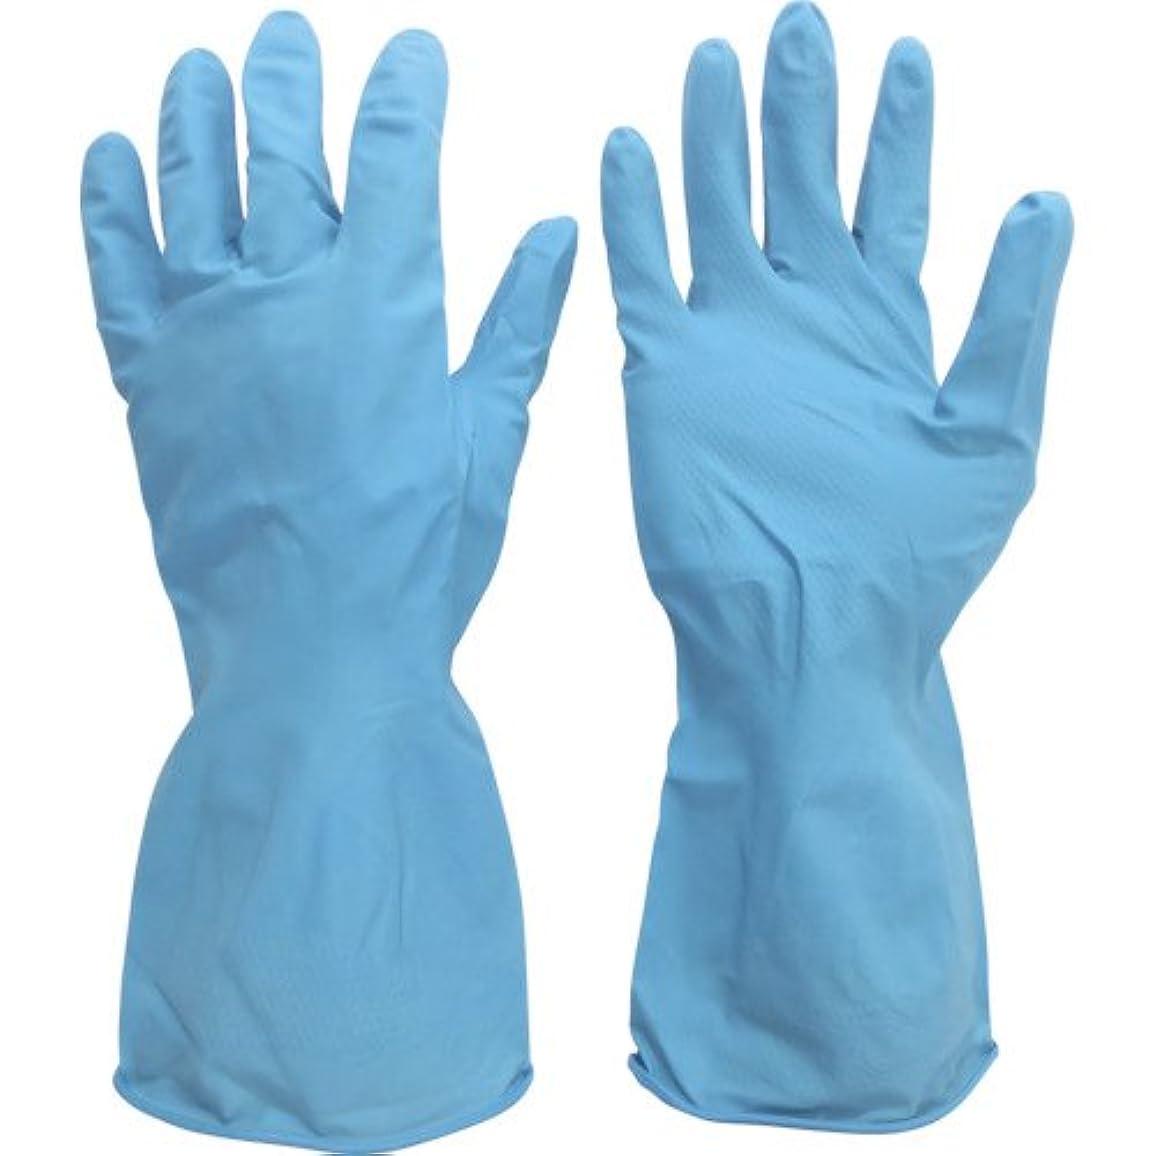 後ろに灰死にかけているミドリ安全 ニトリル薄手手袋 ベルテ270 1双入 L VERTE-270-L